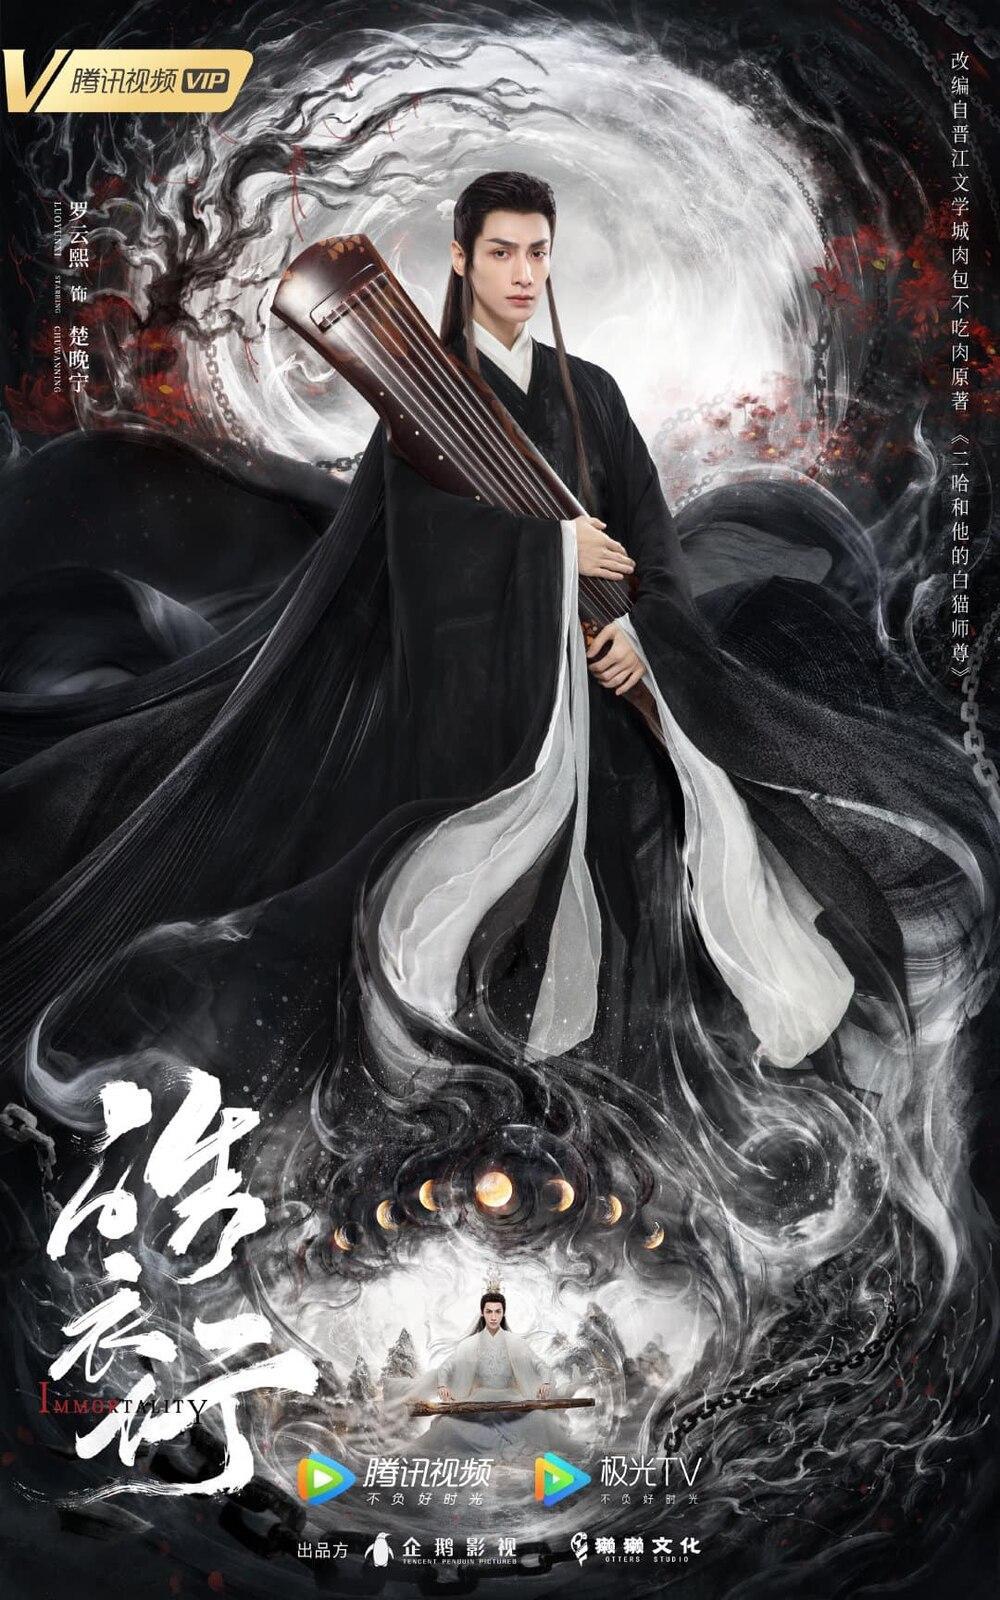 Dân mạng phát sốt với hình ảnh thân mật của La Vân Hi - Trần Phi Vũ trong hậu trường 'Hạo y hành' Ảnh 6